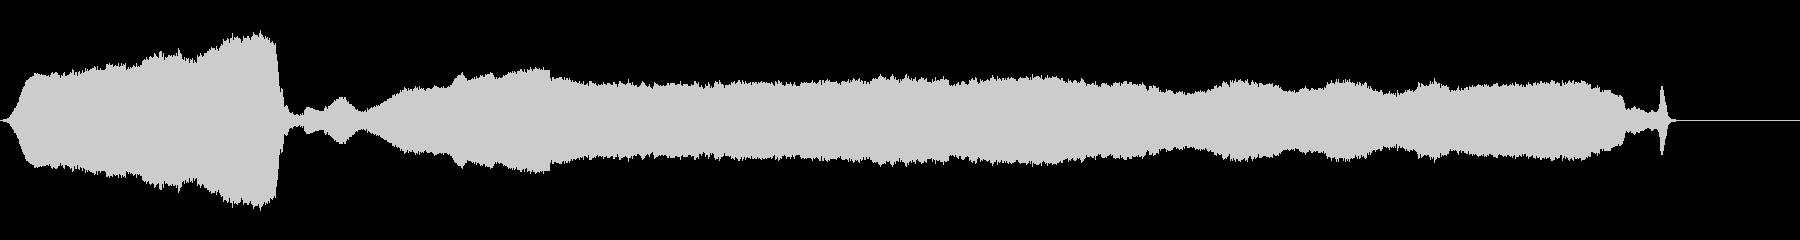 ホイッスルスローダブルブローwavの未再生の波形